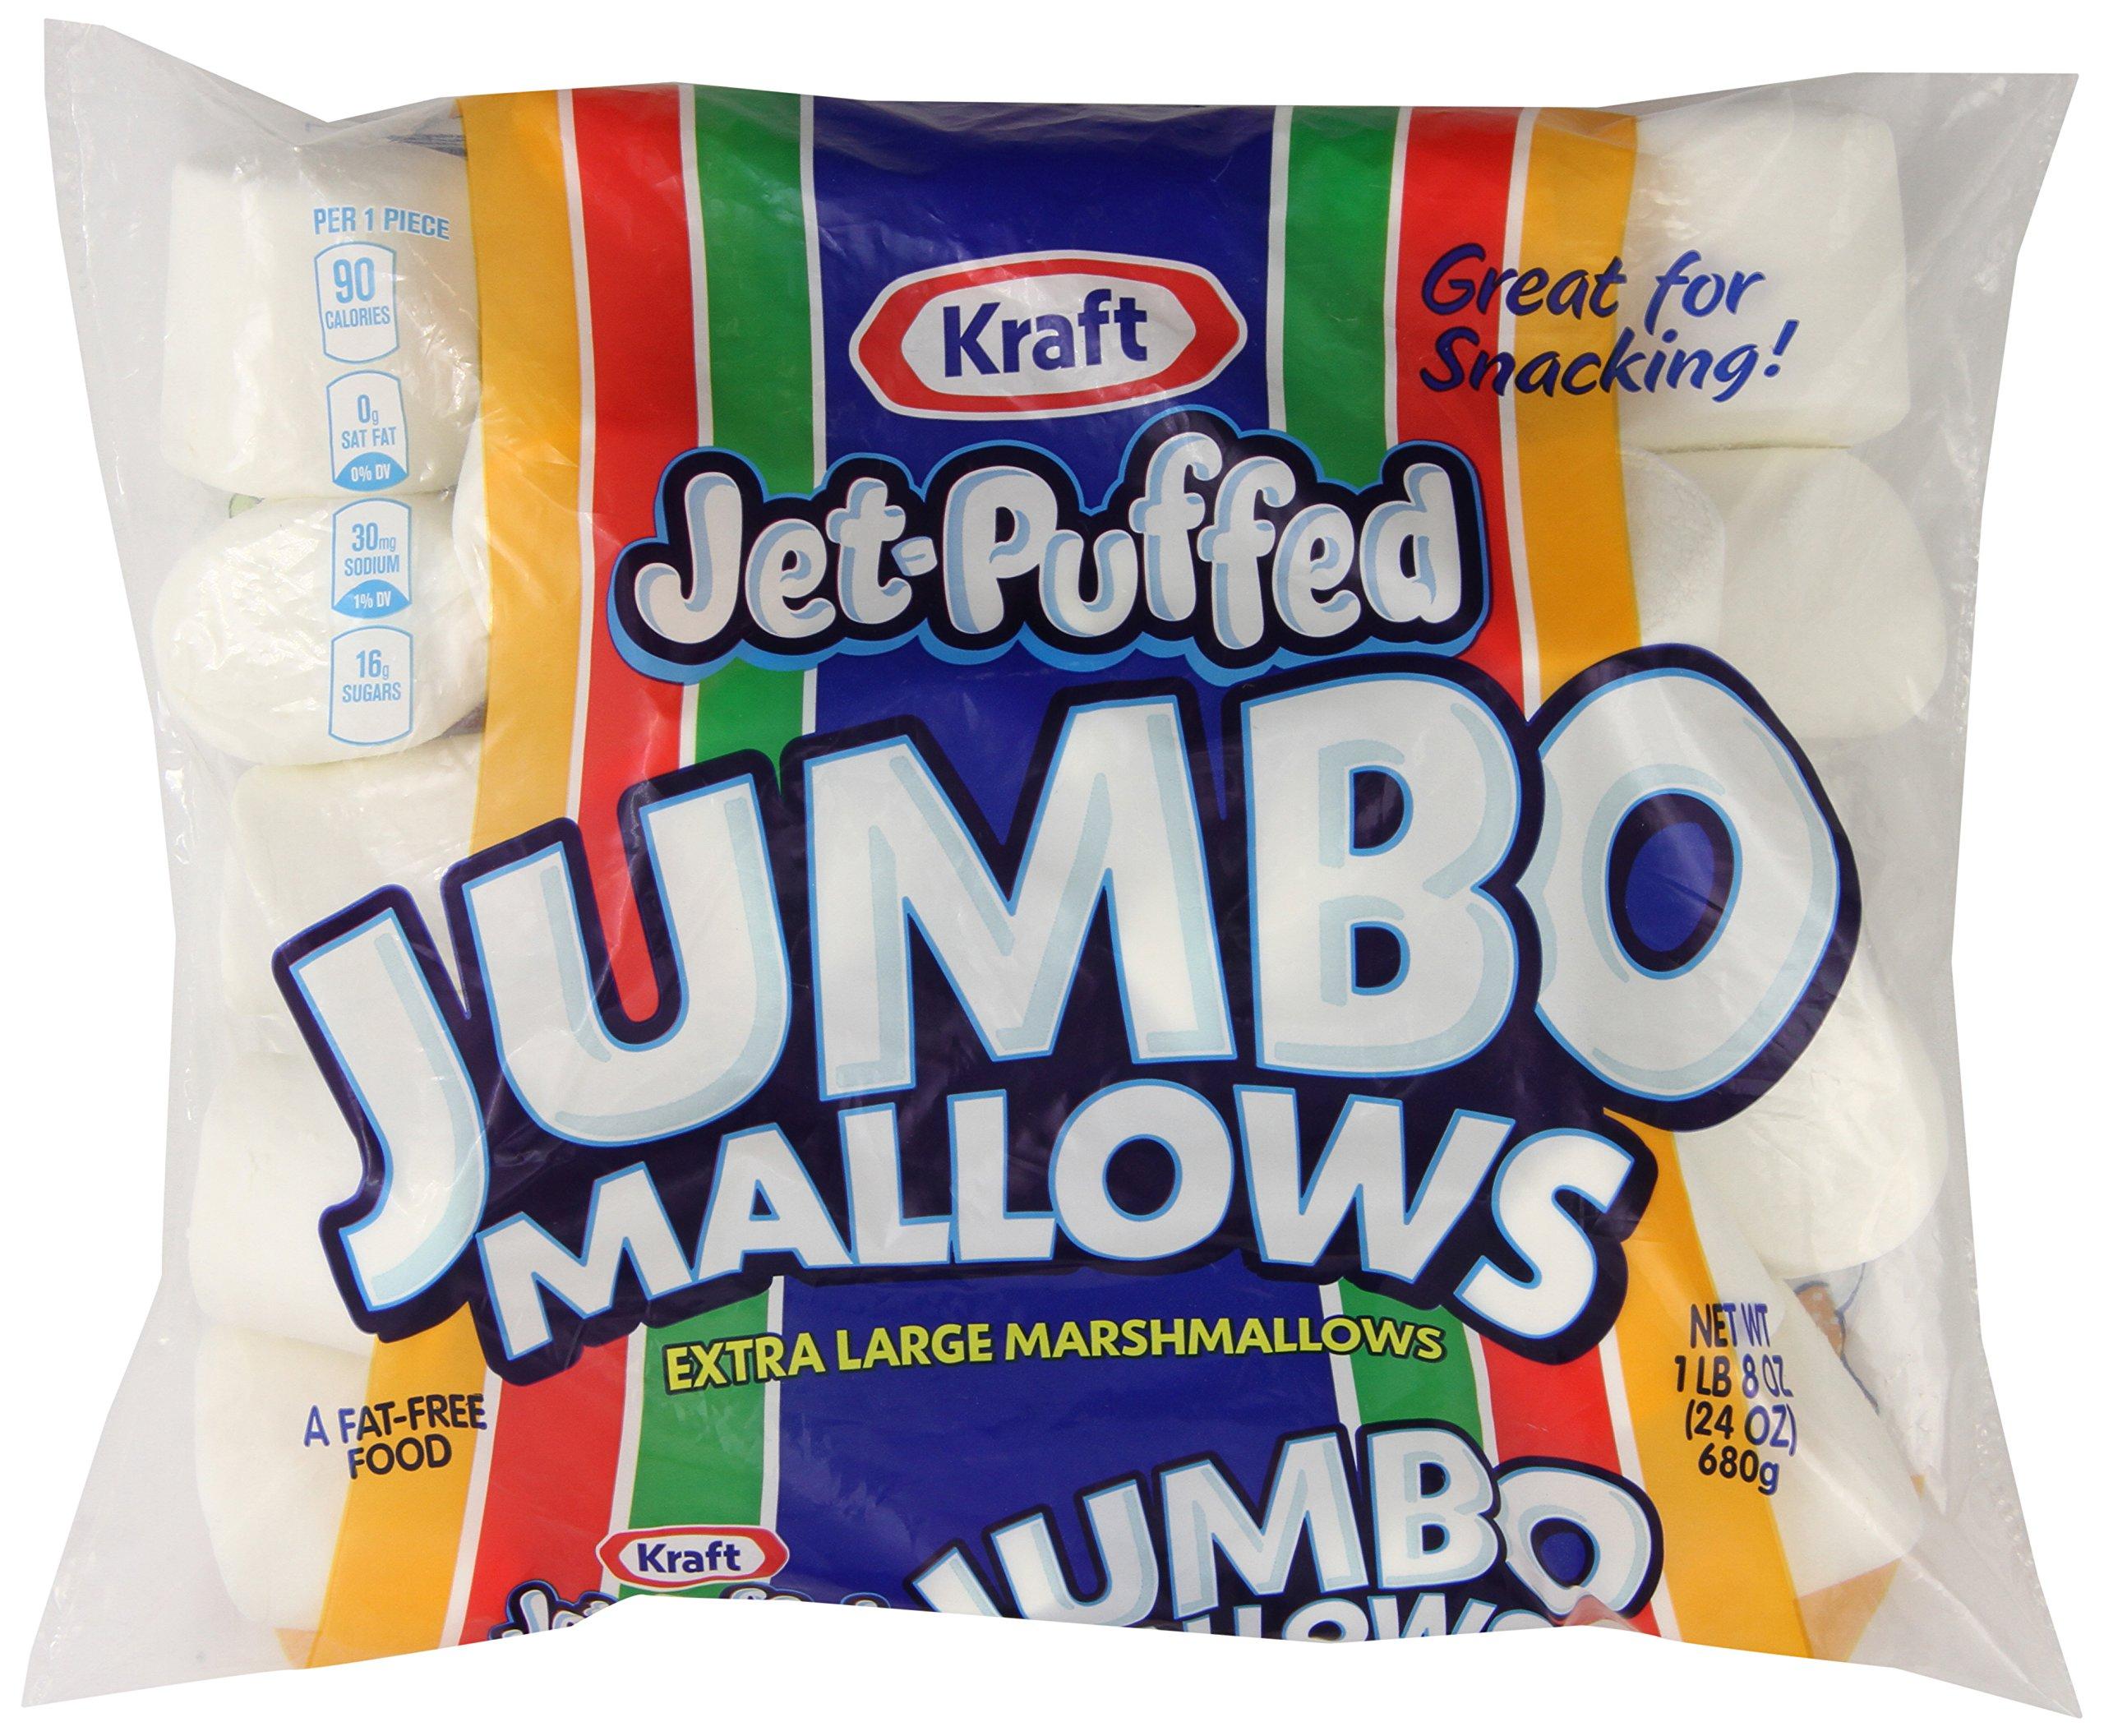 Jet Puffed Jumbo Marshmallows, 24 oz